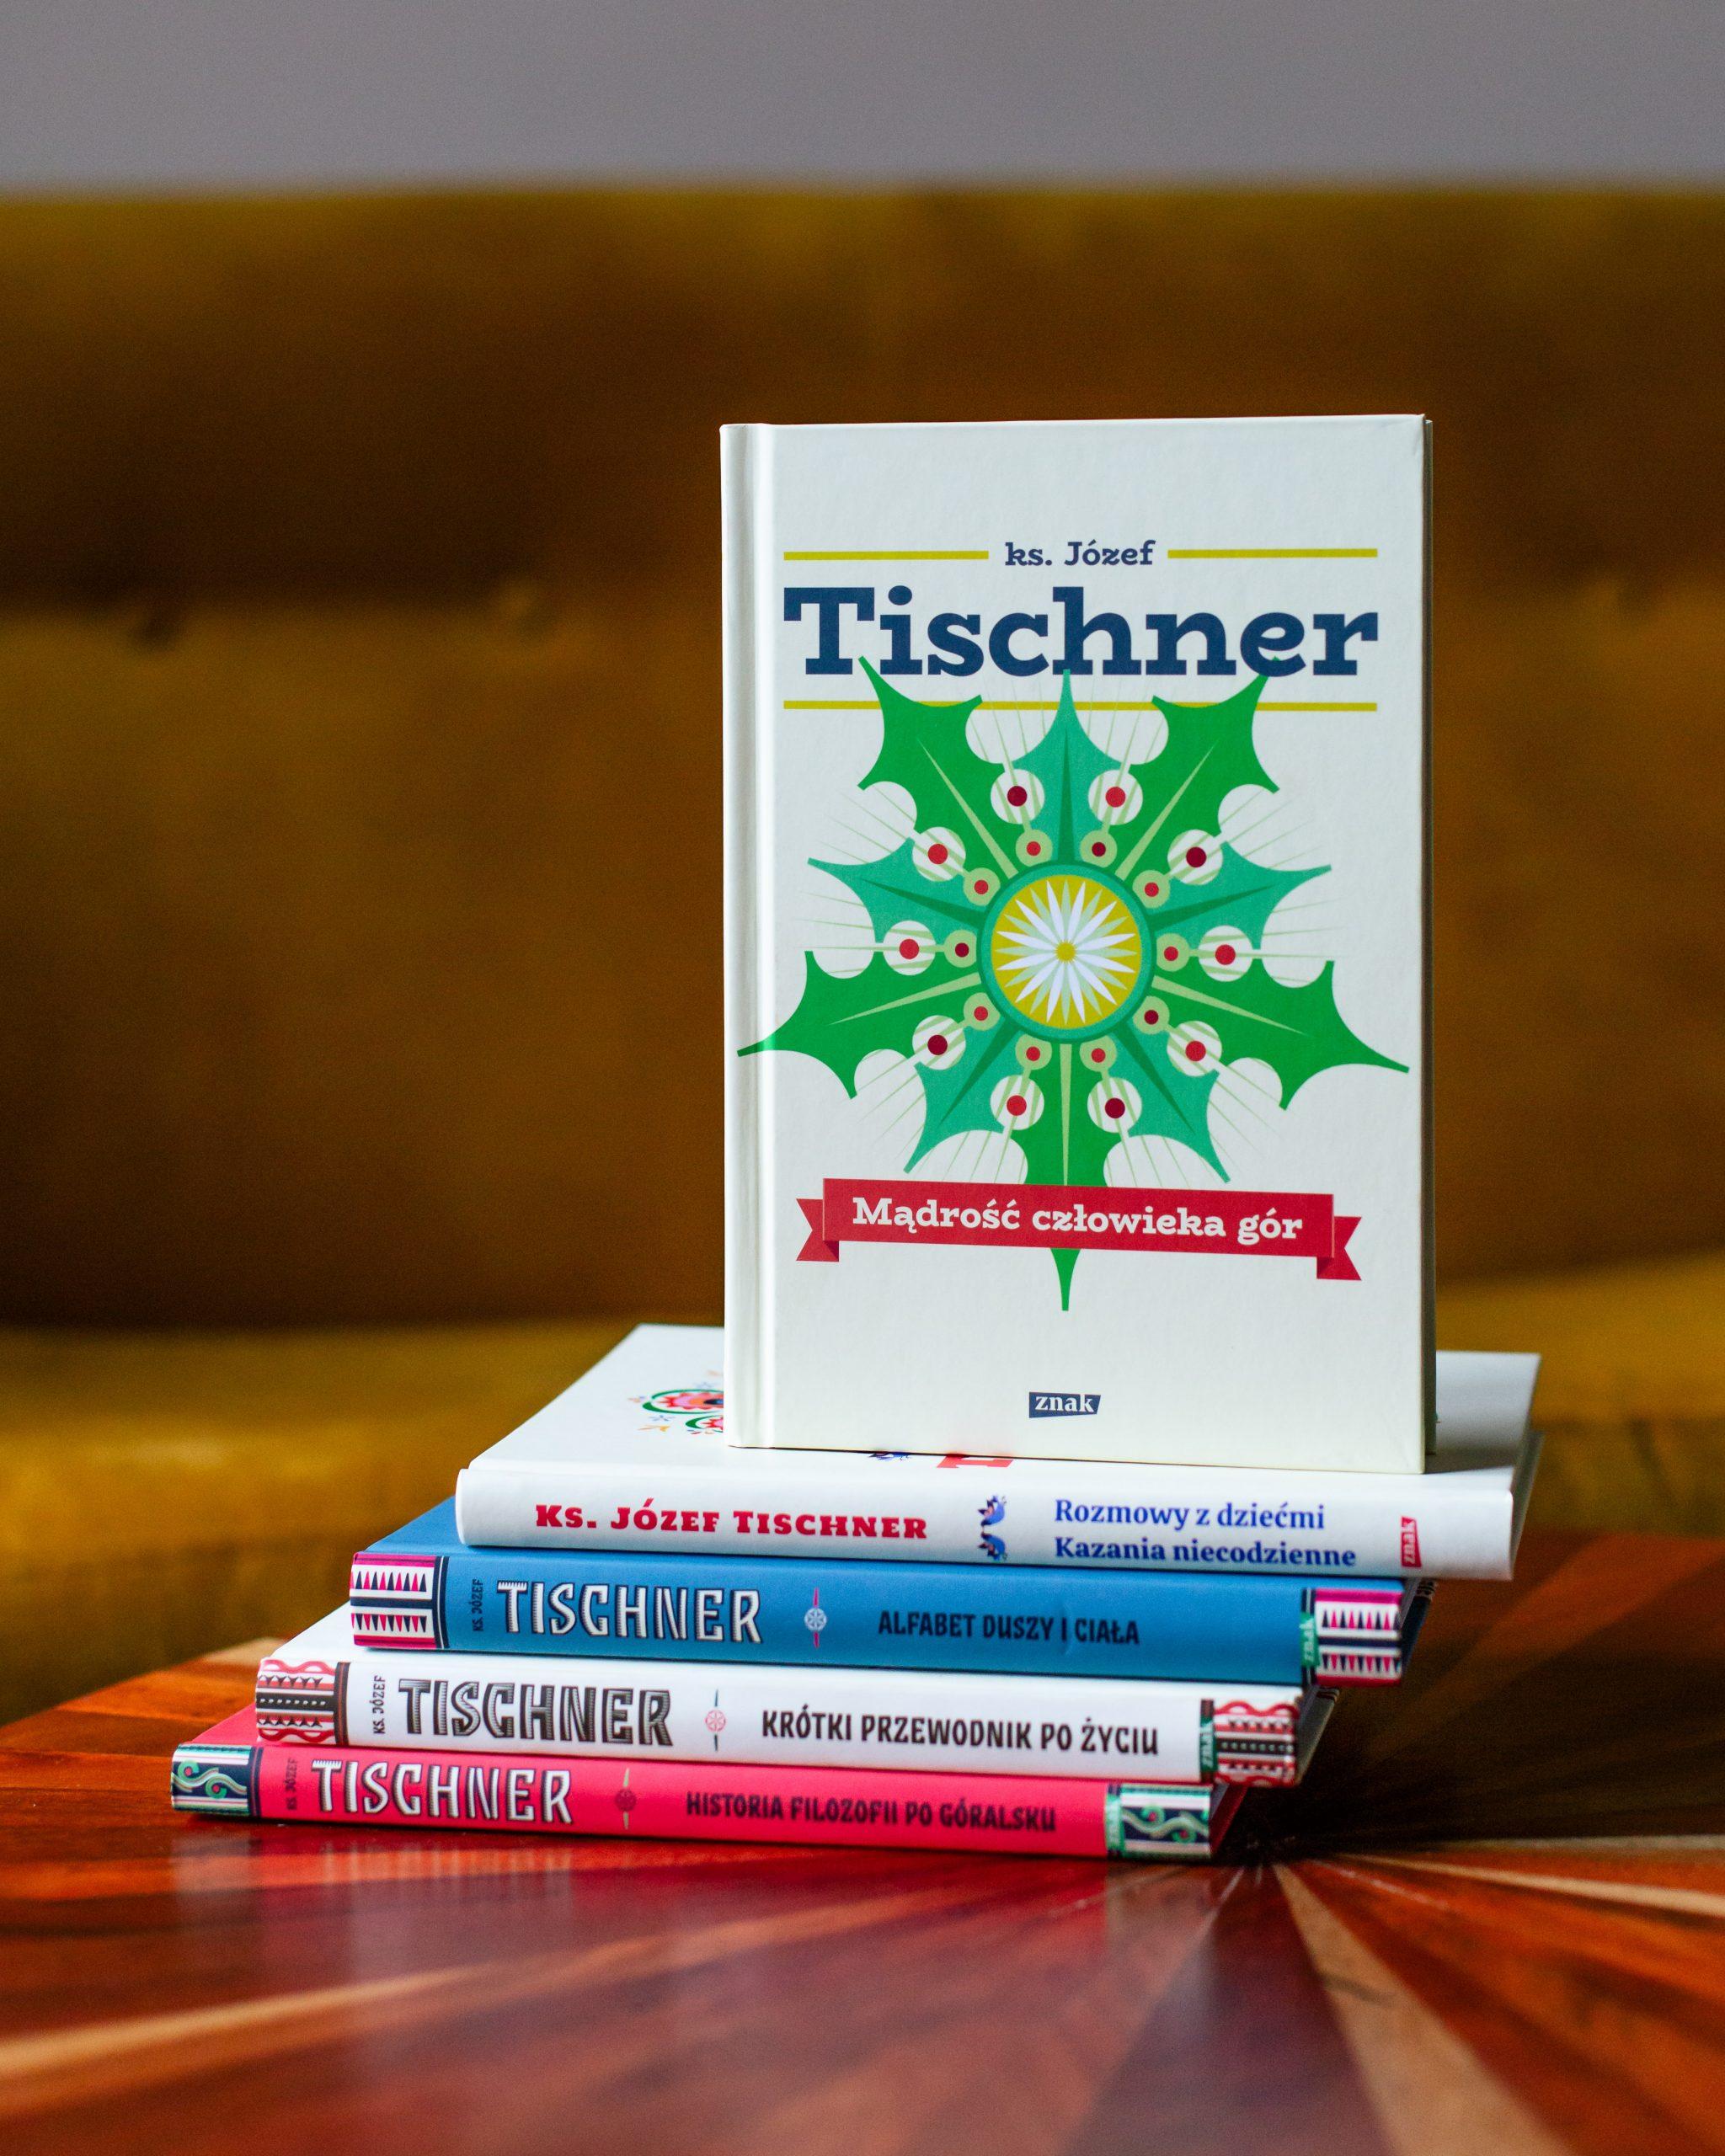 Podziel się Tischnerem